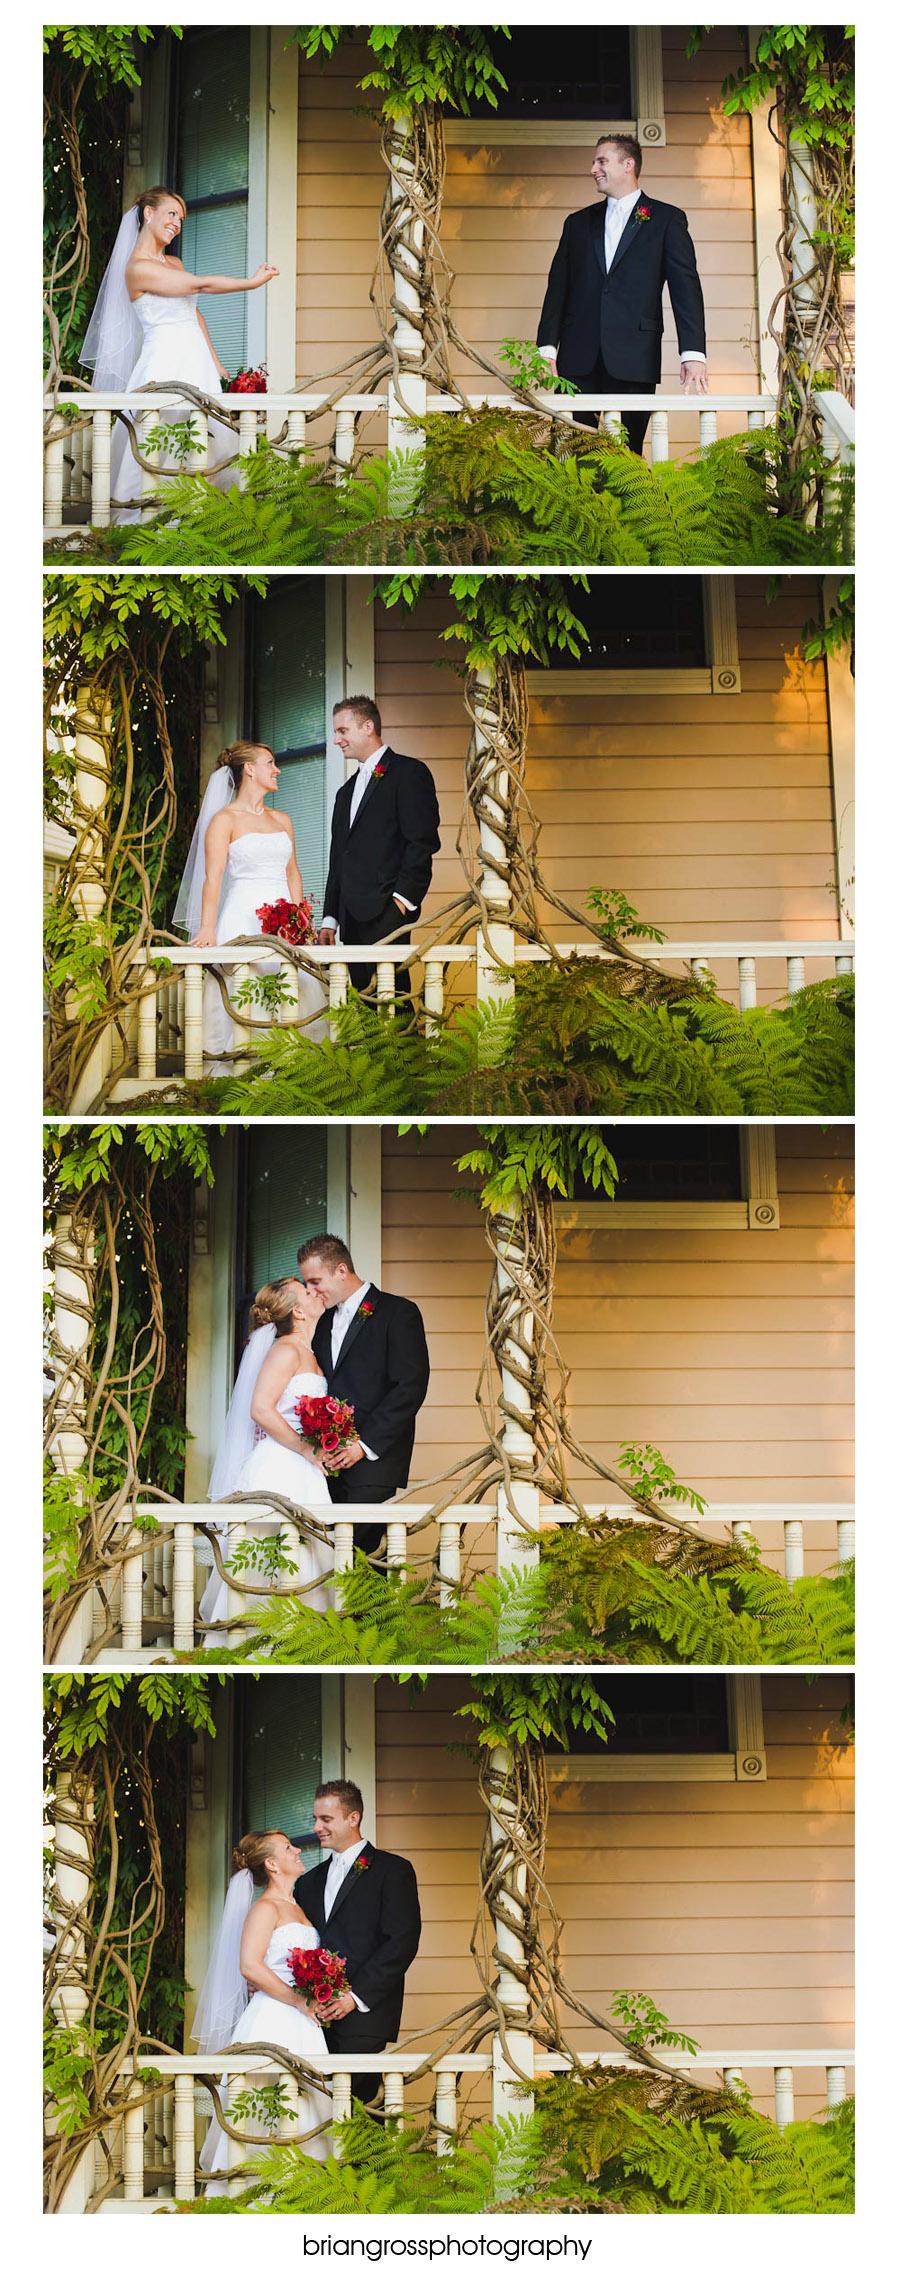 RobertAndChristie_WeddingBlog_147